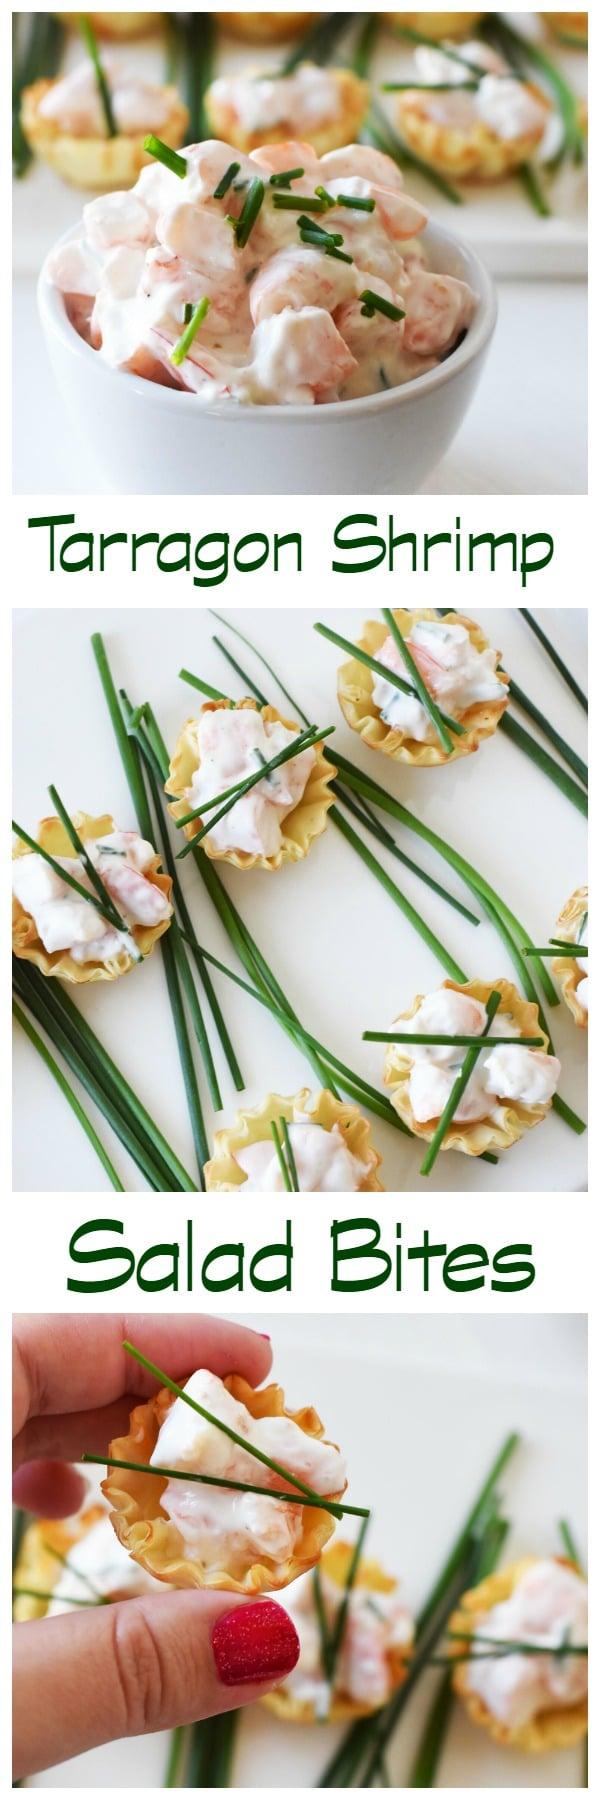 Tarragon-shrimp-salad-bites